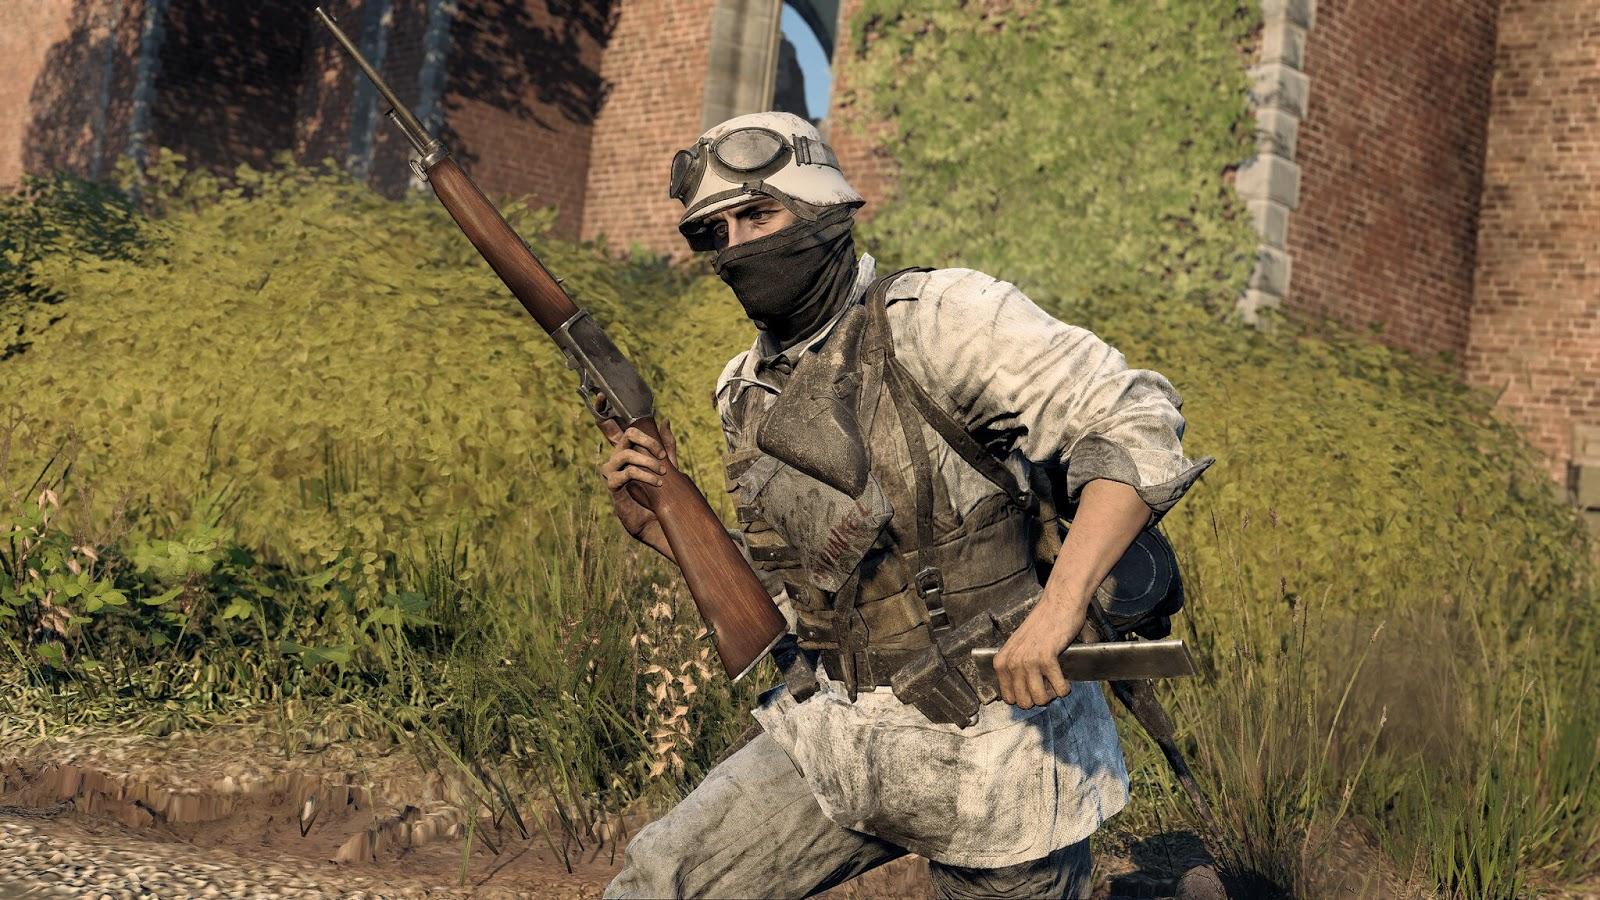 Battlefield V - Img: Chris177uk